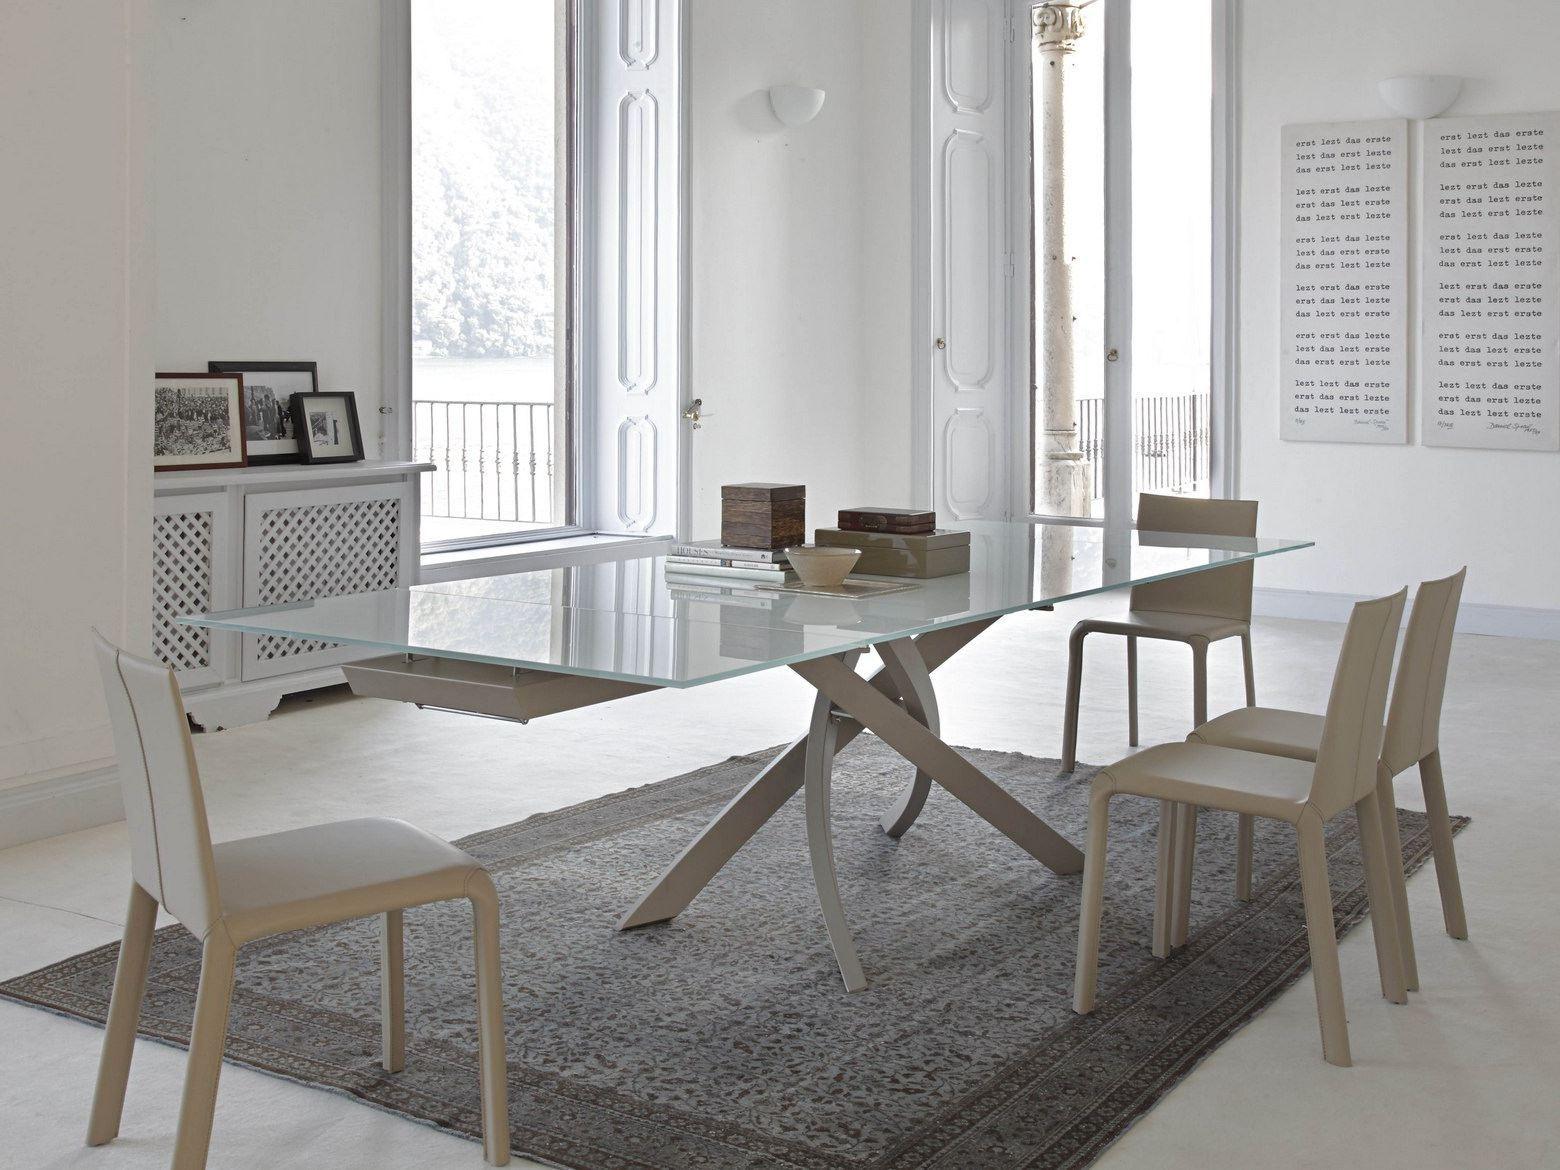 Sedie per cucina bontempi ~ bukadar.info = galleria di sedie foto e